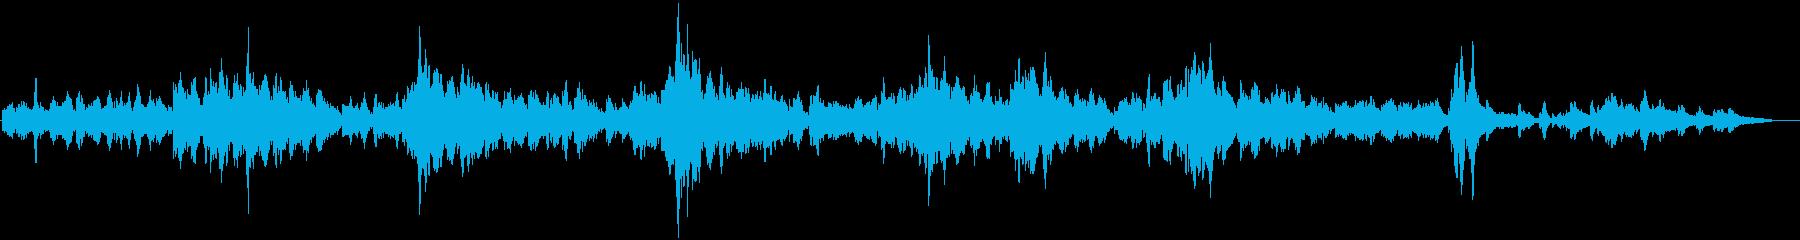 ドヴォルザーク/ロマンティックな小品4の再生済みの波形